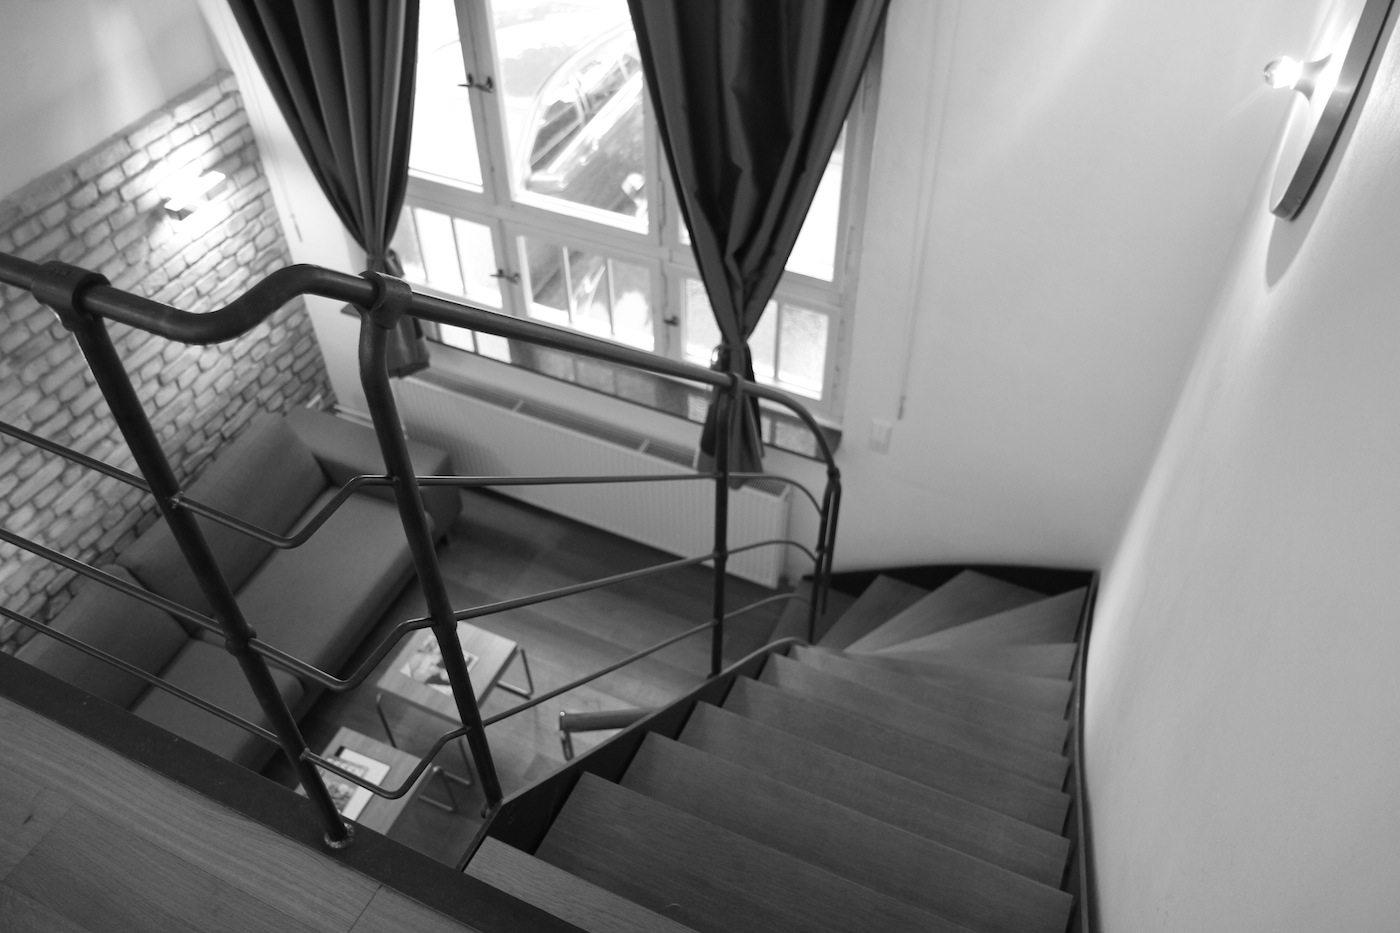 Alte Lohnhalle. Das Maisonette-Zimmer ist mit Designklassikern des 20. Jahrhunderts eingerichtet. Wir waren auf Einladung der Hotelbetreiberin vor Ort.